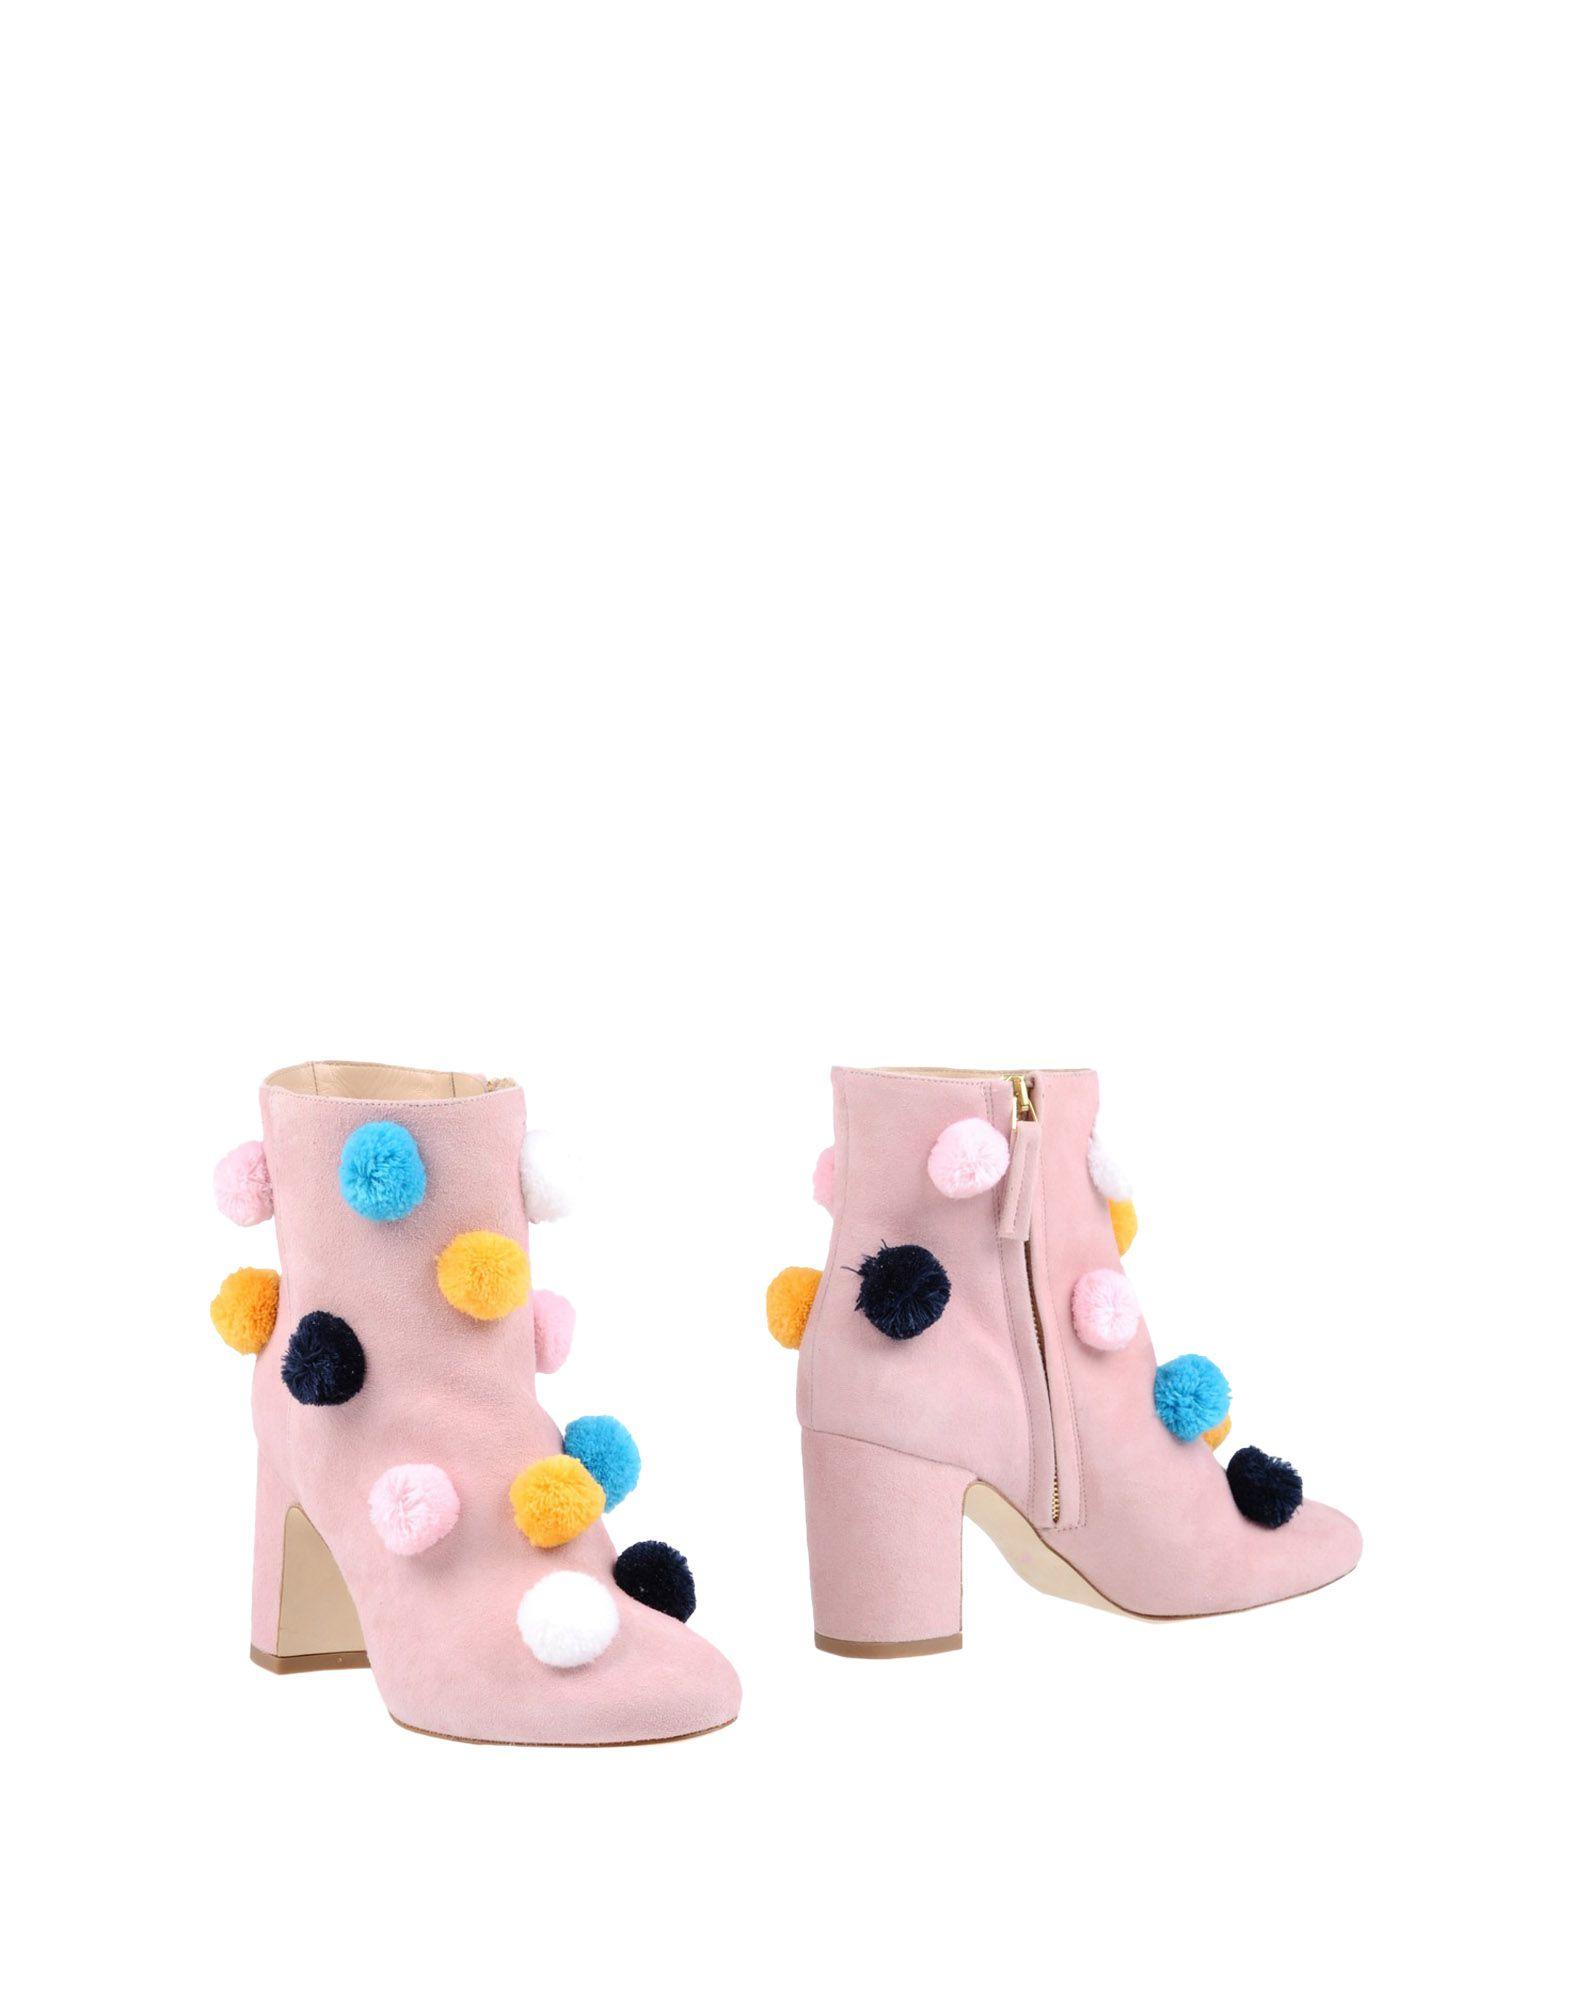 Polly Plume Stiefelette Damen  11255973DLGut aussehende strapazierfähige Schuhe